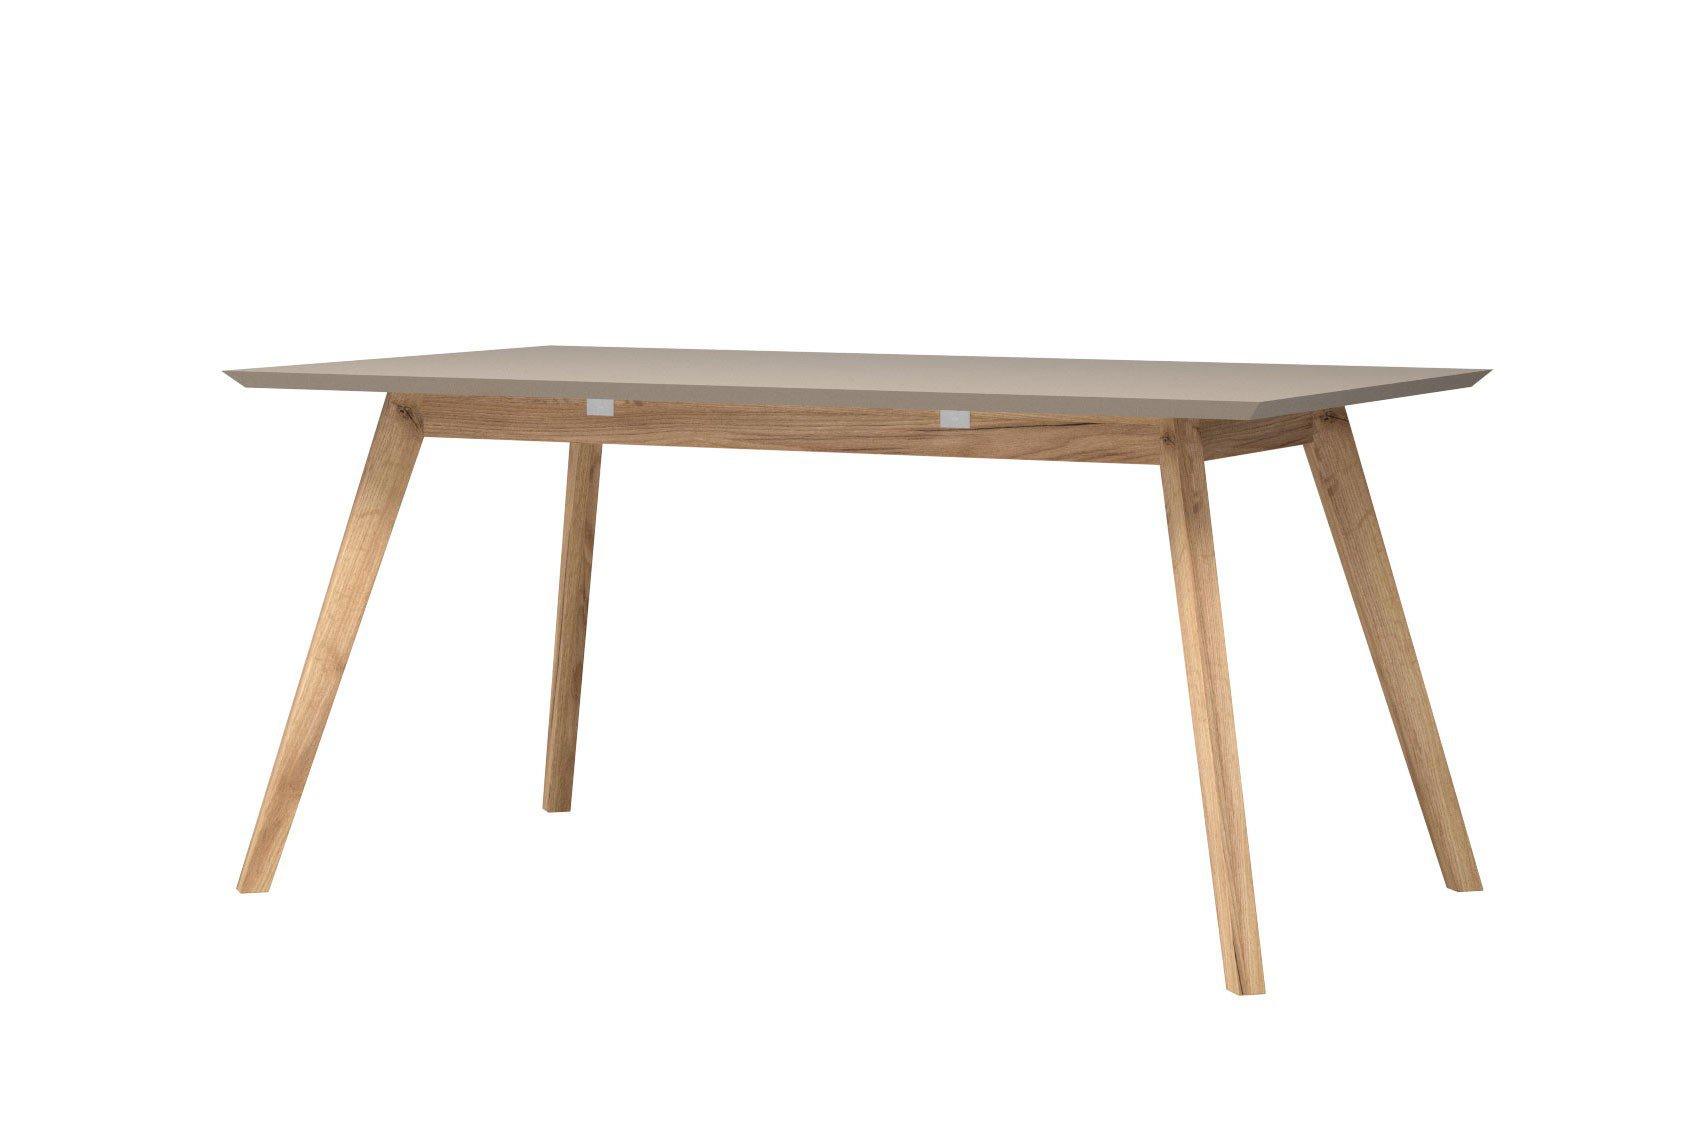 skandinavischer esstisch aleksi steingrau navarra eiche m bel letz ihr online shop. Black Bedroom Furniture Sets. Home Design Ideas